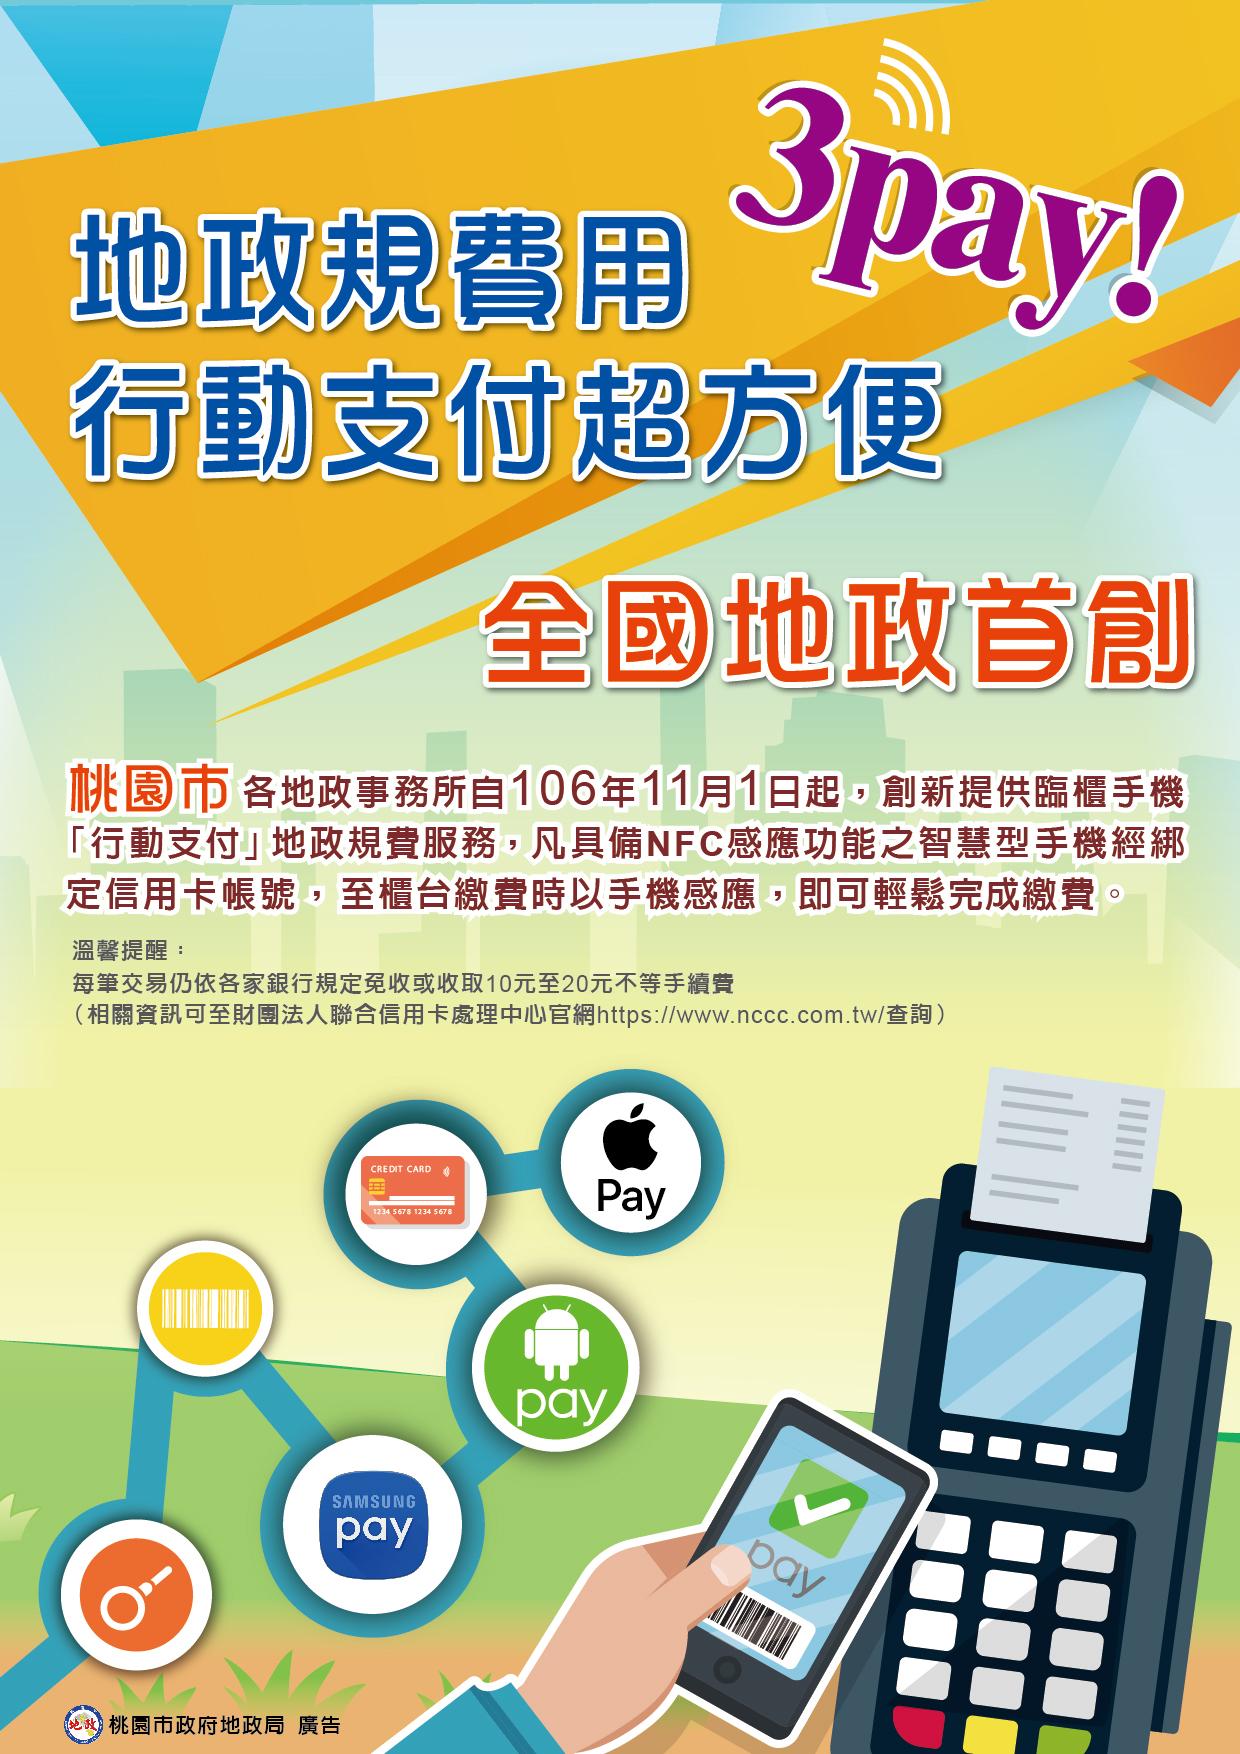 地政規費以手機「行動支付」服務